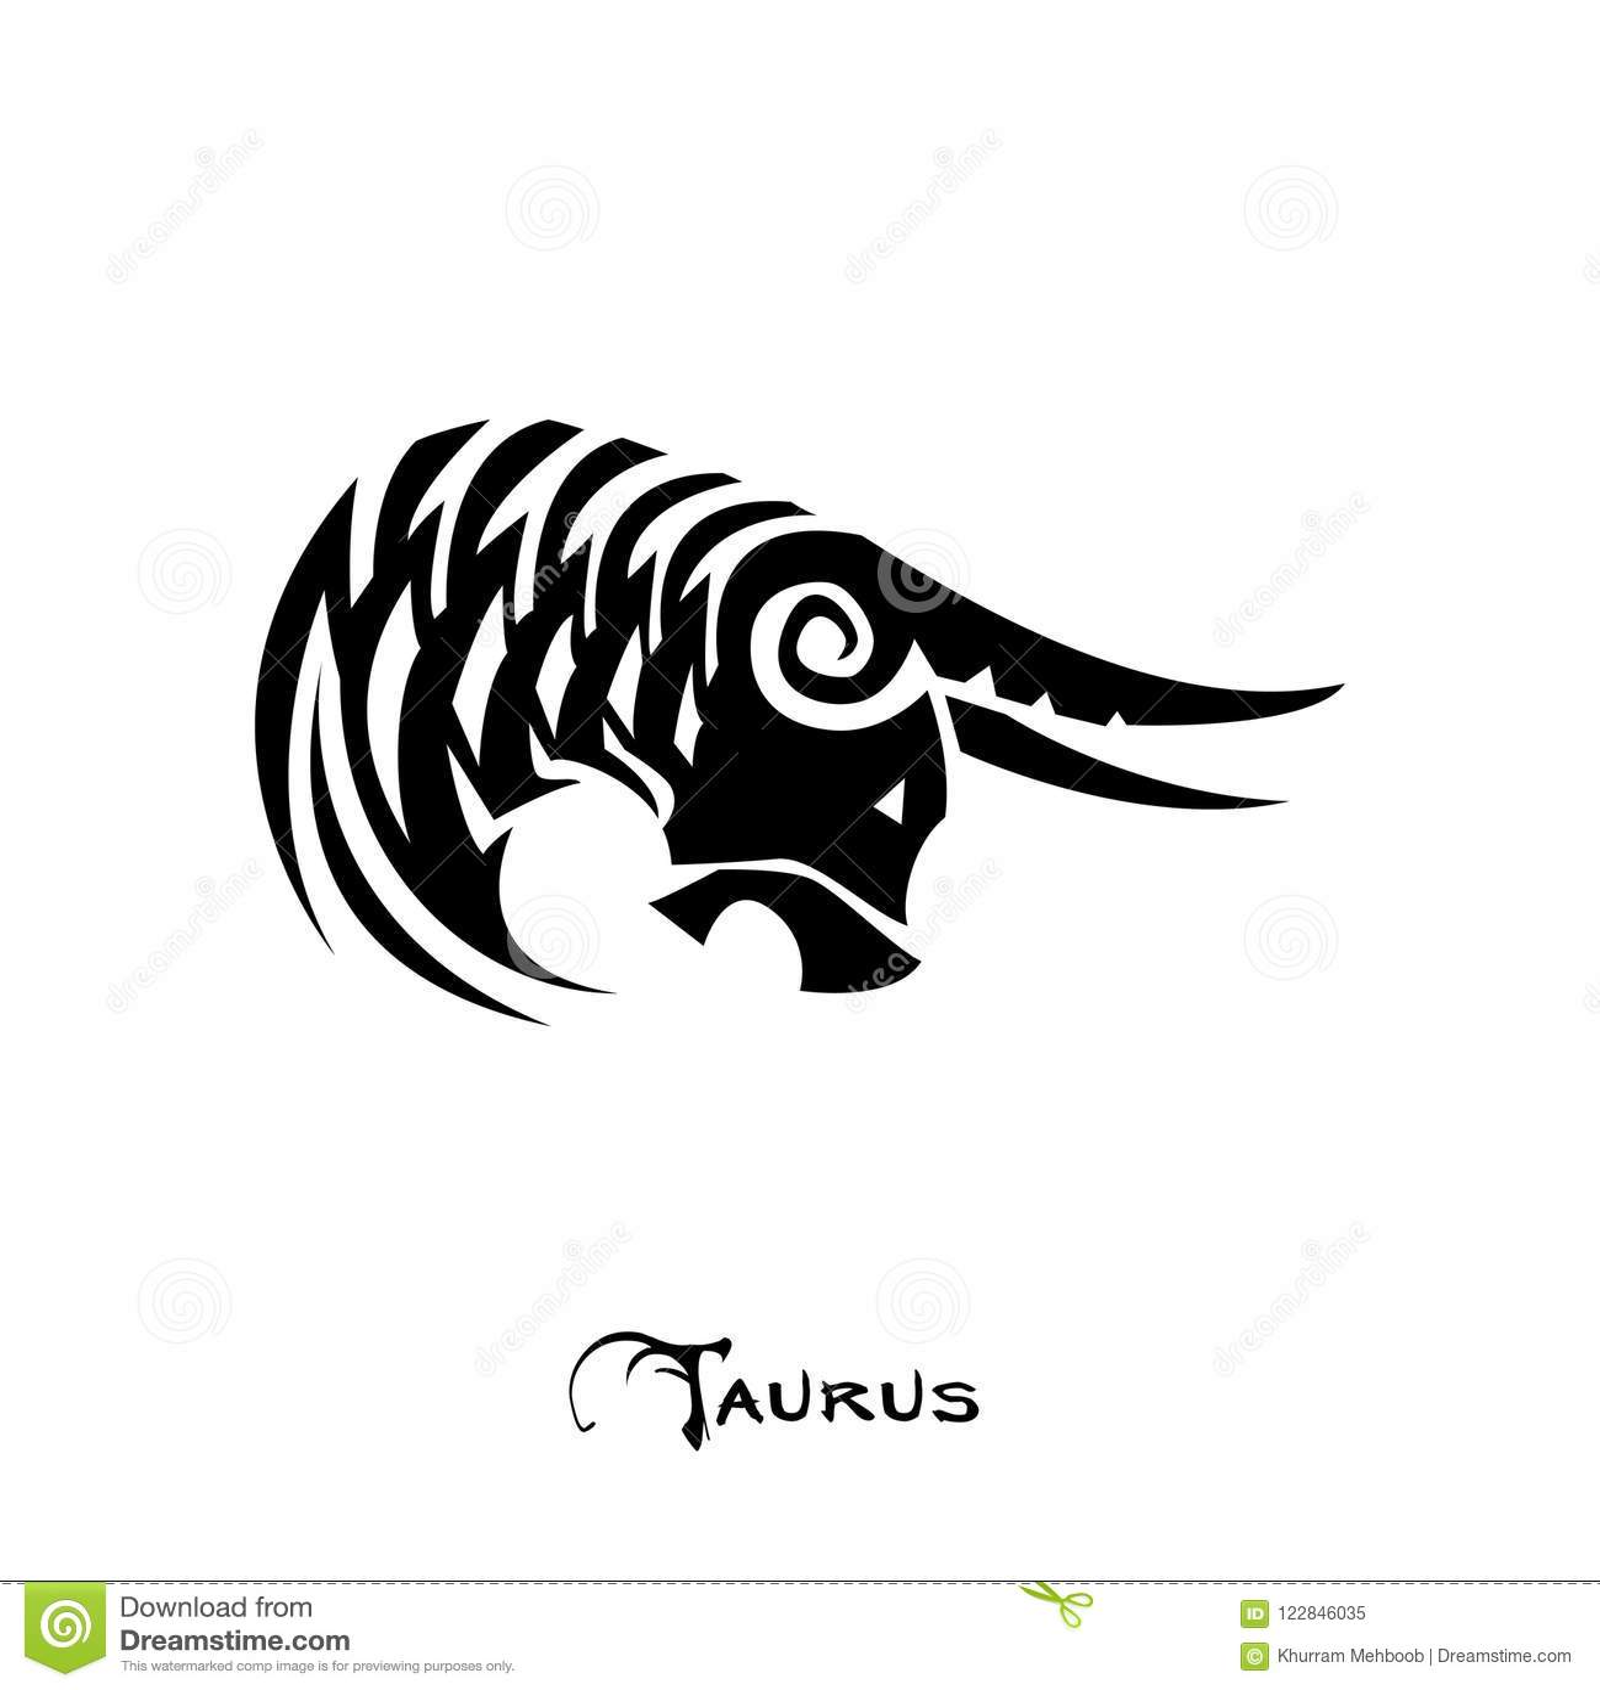 Taurus Zodiac Sign Tattoo Style Stock Vector Illustration Of